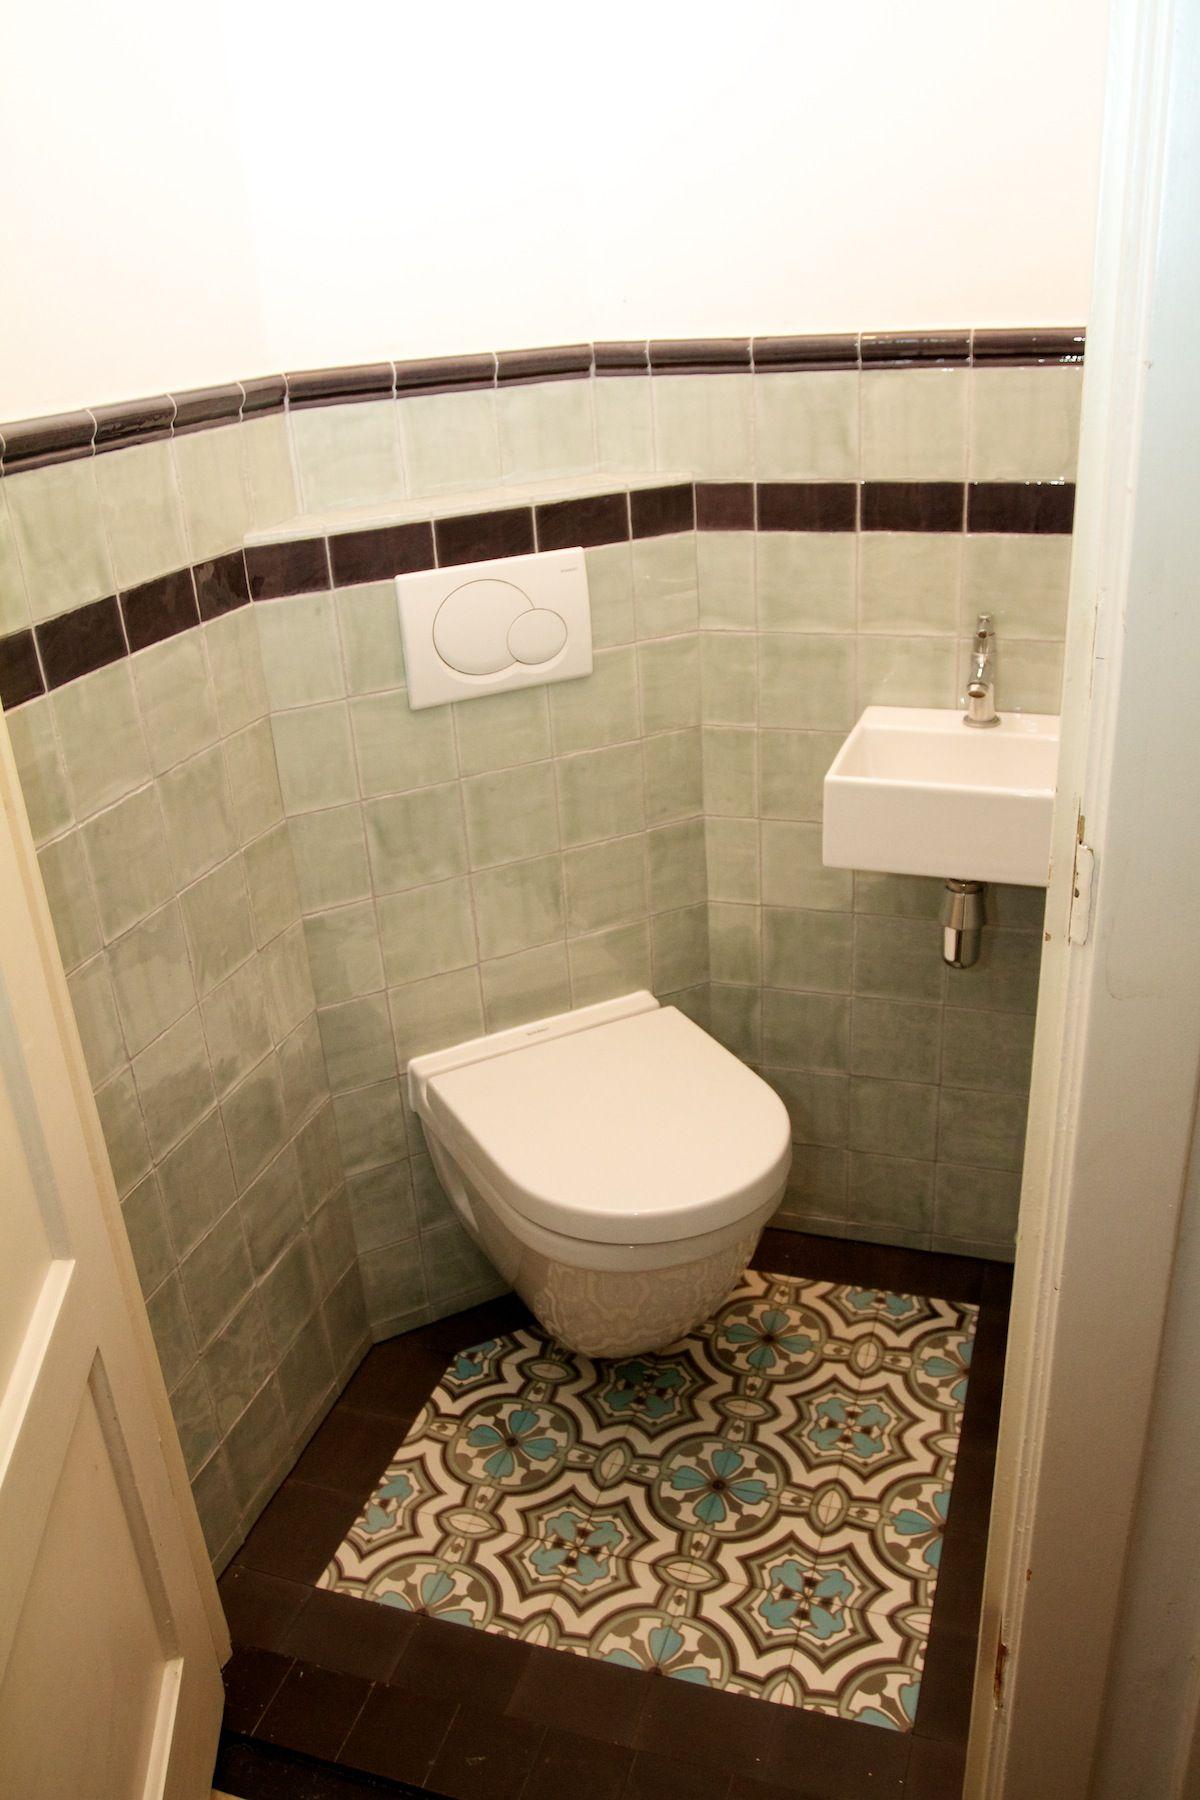 De Tegel Hilversum Tegelbv Voorbeelden Vloer Toiletruimte